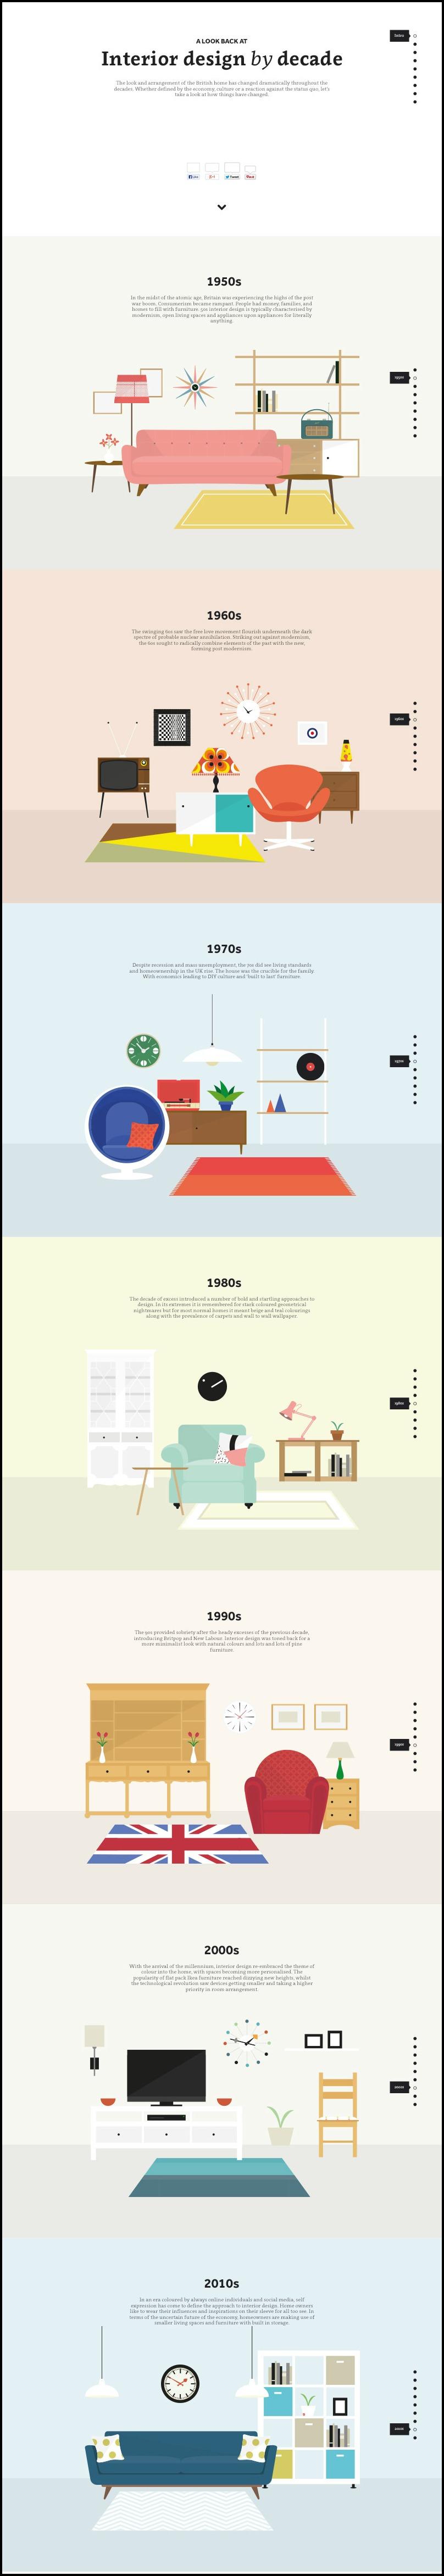 Interior Design by Decade | Tipsaholic.com #home #design #decor #interior #style #history